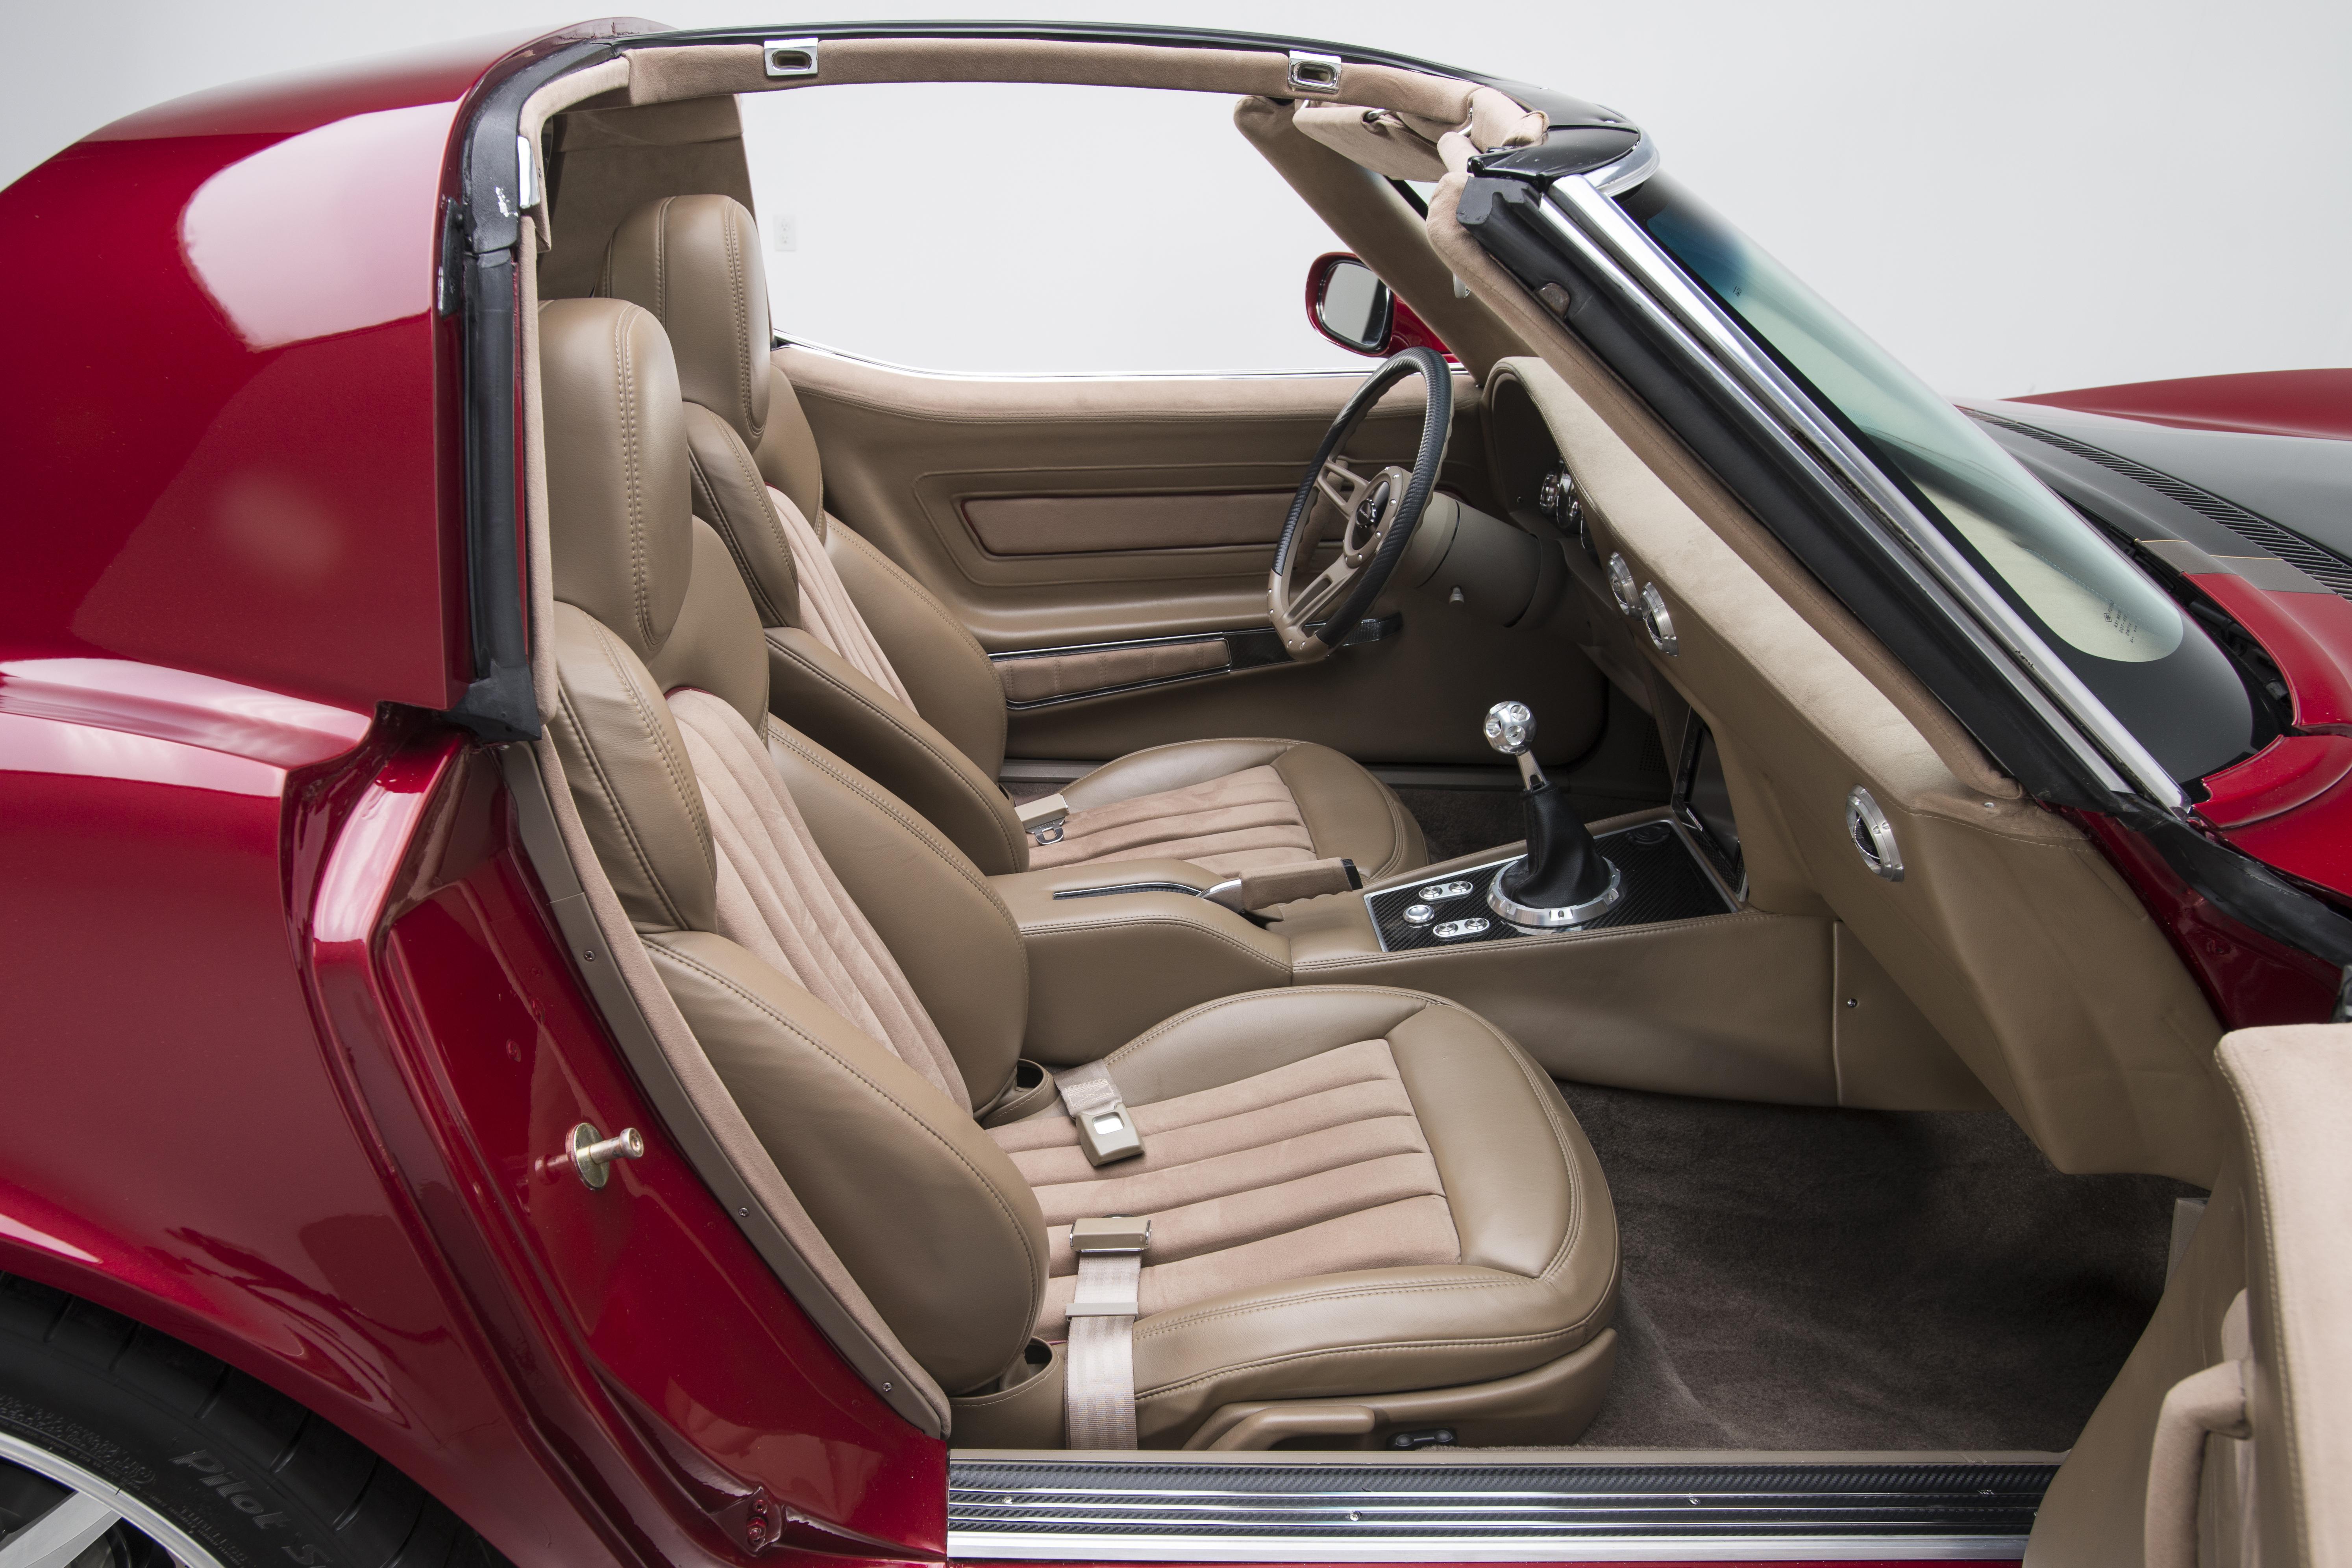 1972 Chevrolet Corvette1972 Chevrolet Corvette #56